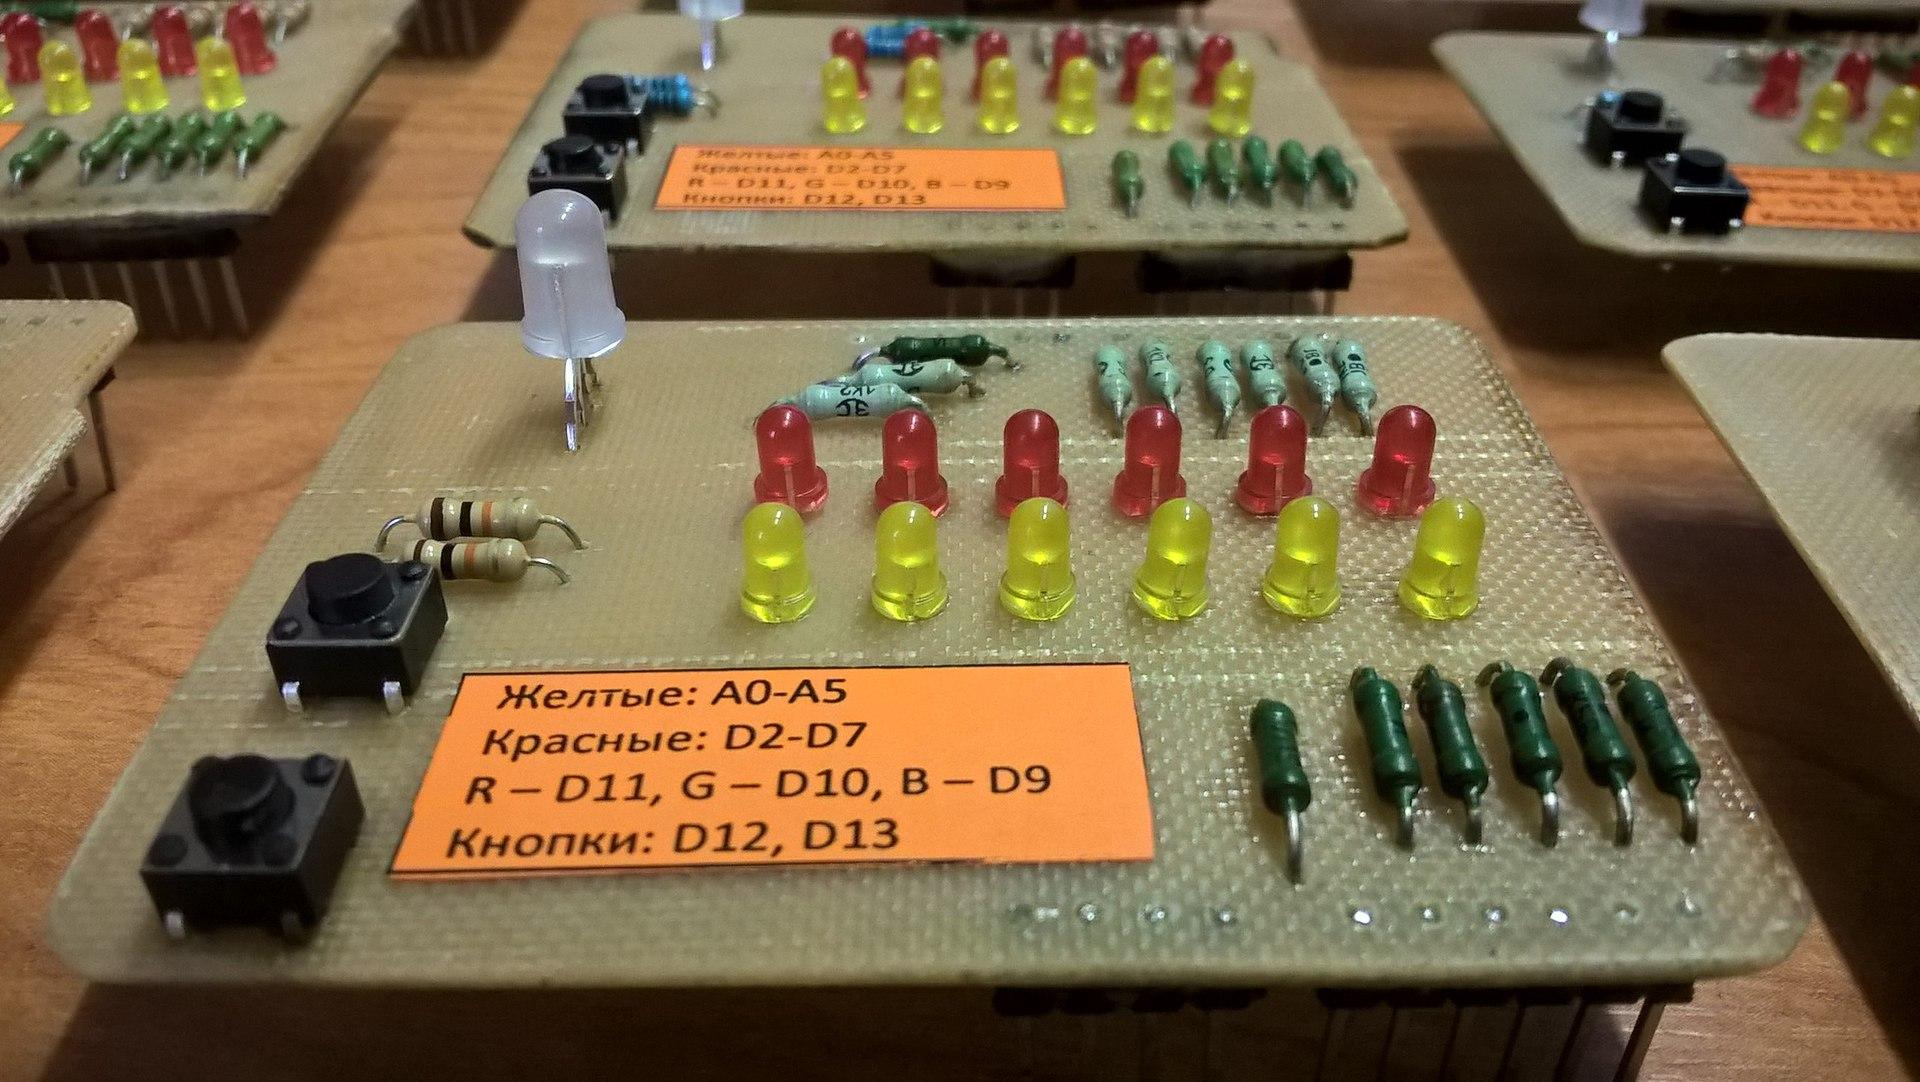 Индивидуальные макеты для кружка радиоэлектроники на базе… да-да, опять Arduino - 9